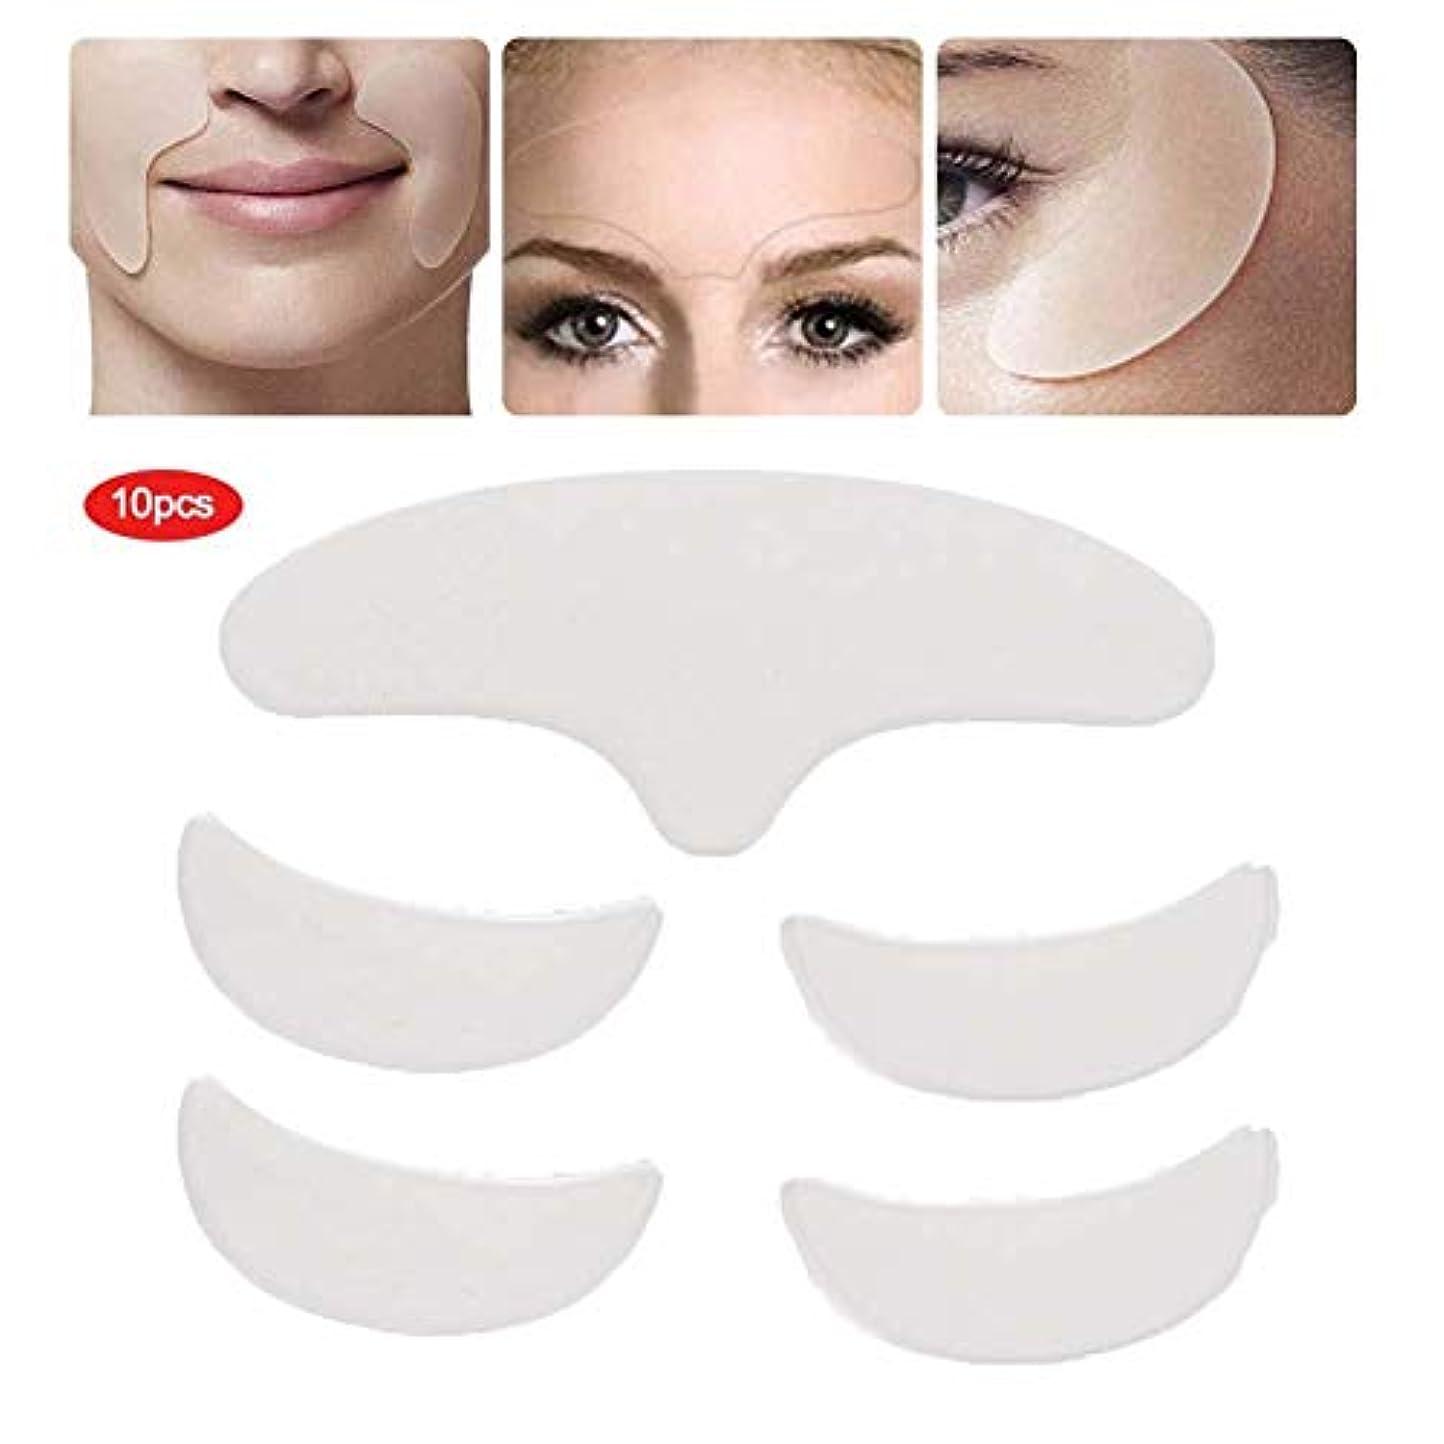 パンツメーカー暴力目の顔の額のための5個のシリコンリンクルパッド